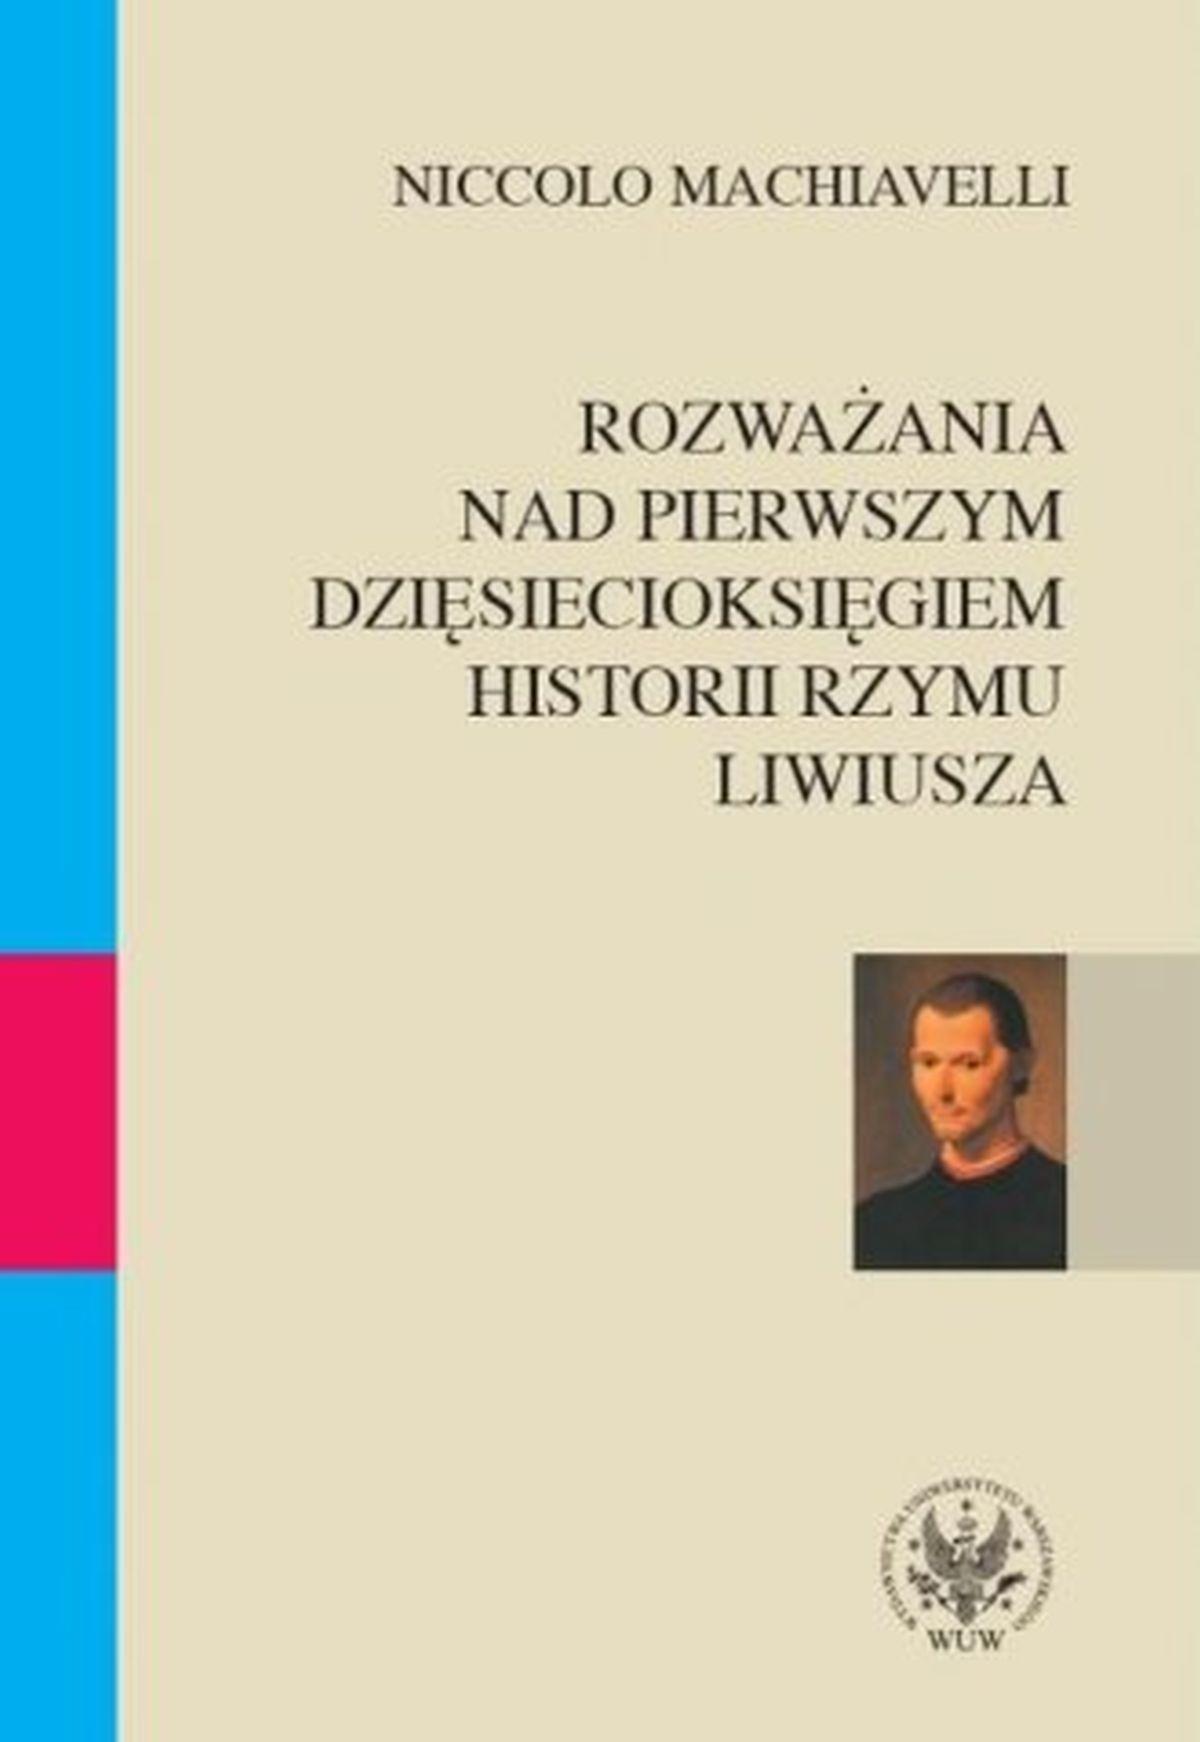 Rozważania nad pierwszym dziesięcioksięgiem historii Rzymu Liwiusza